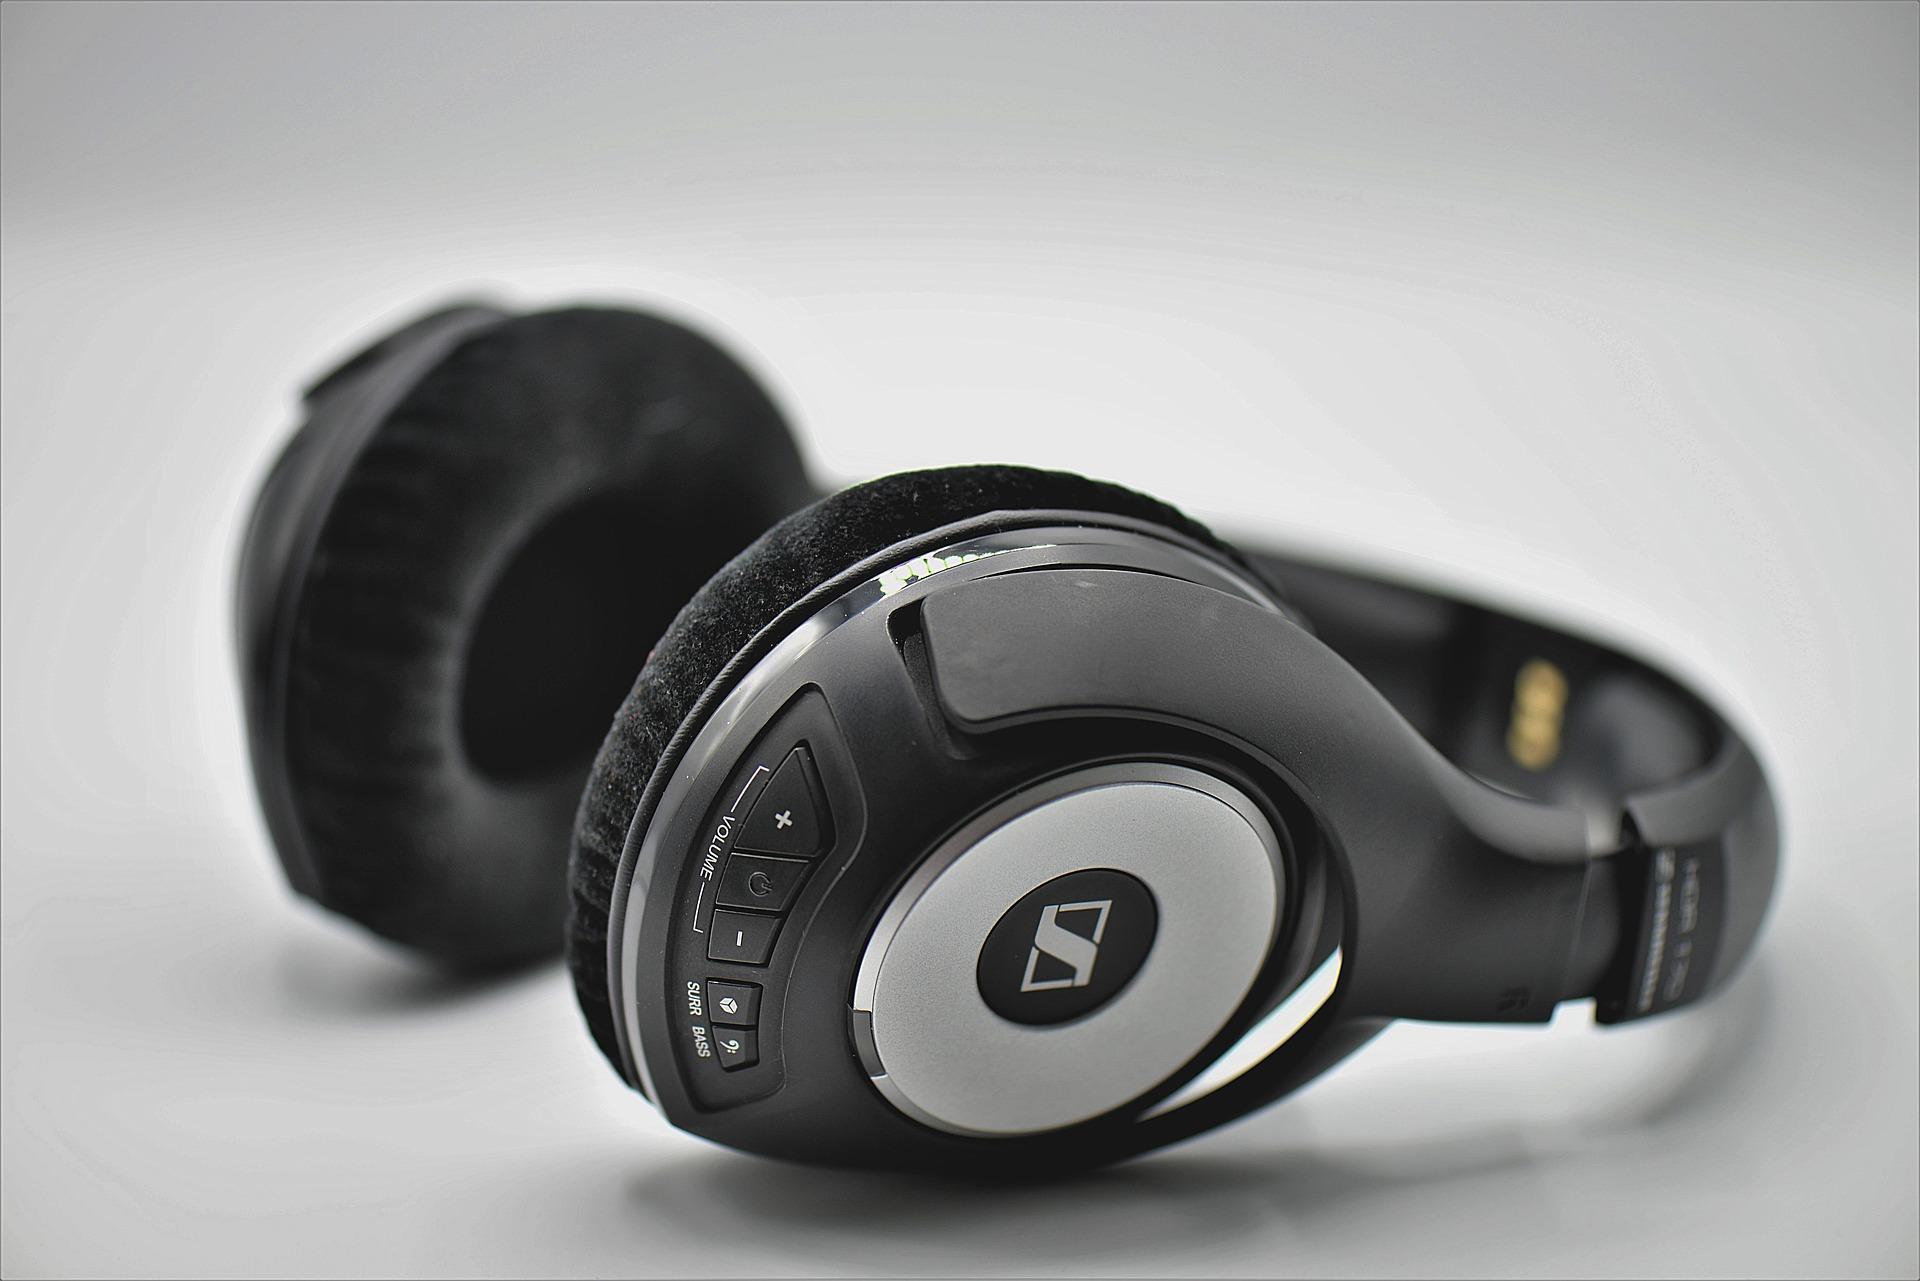 Buying headphones